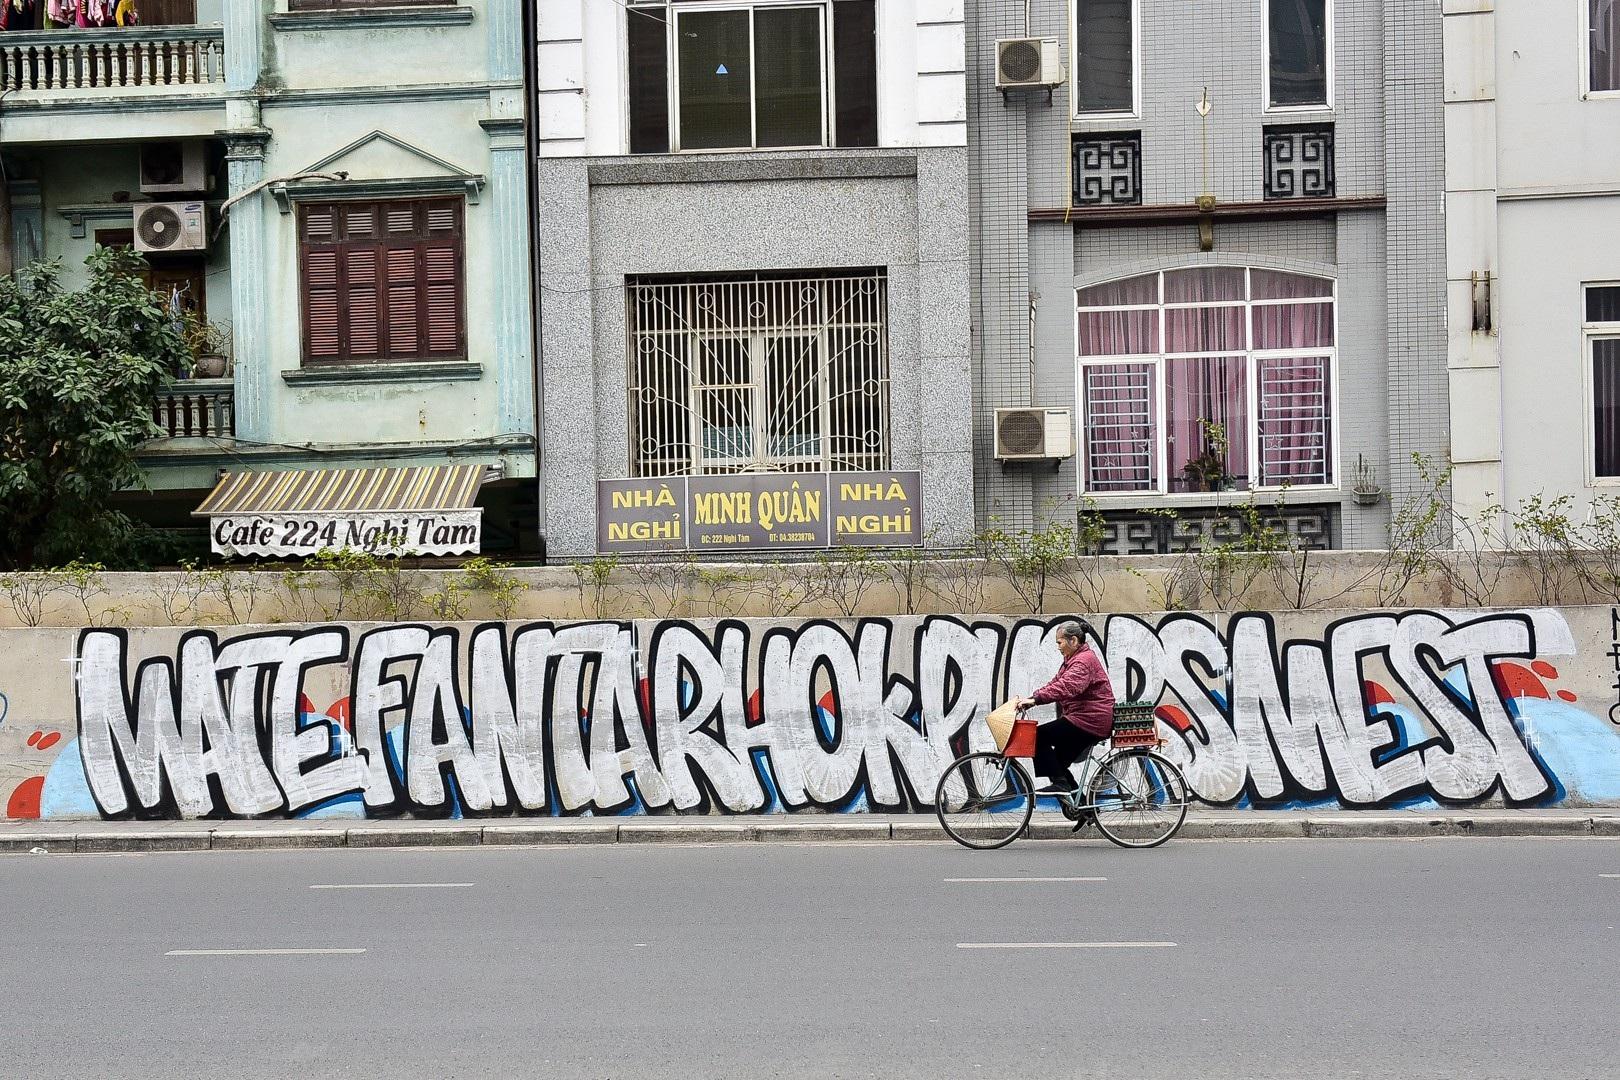 Vẽ graffiti kín tuyến đường tiền tỷ mới mở rộng ở Hà Nội - Ảnh 8.